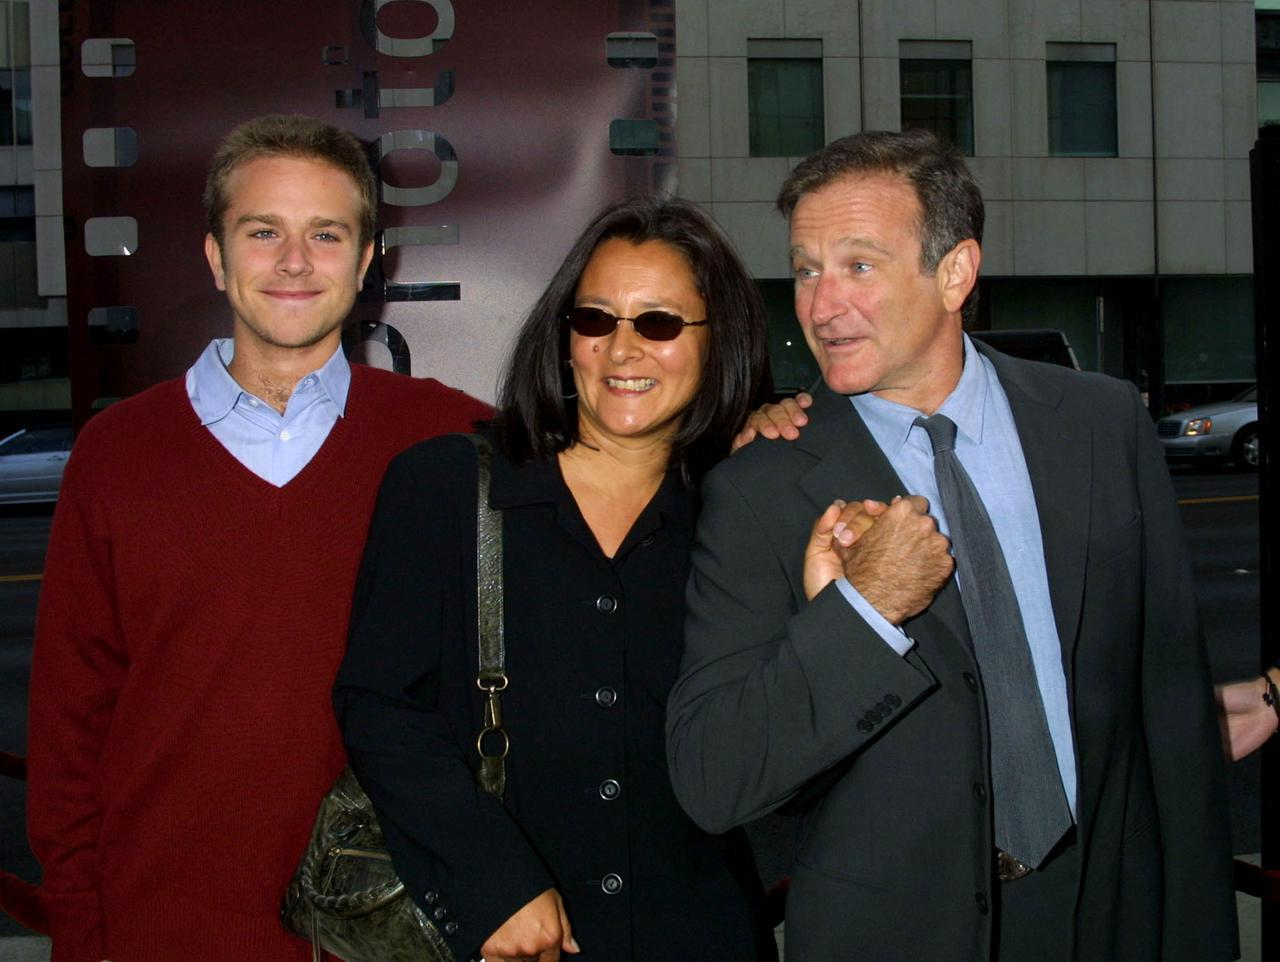 画像: ザック、ロビンの元妻マーシャ、ロビン。